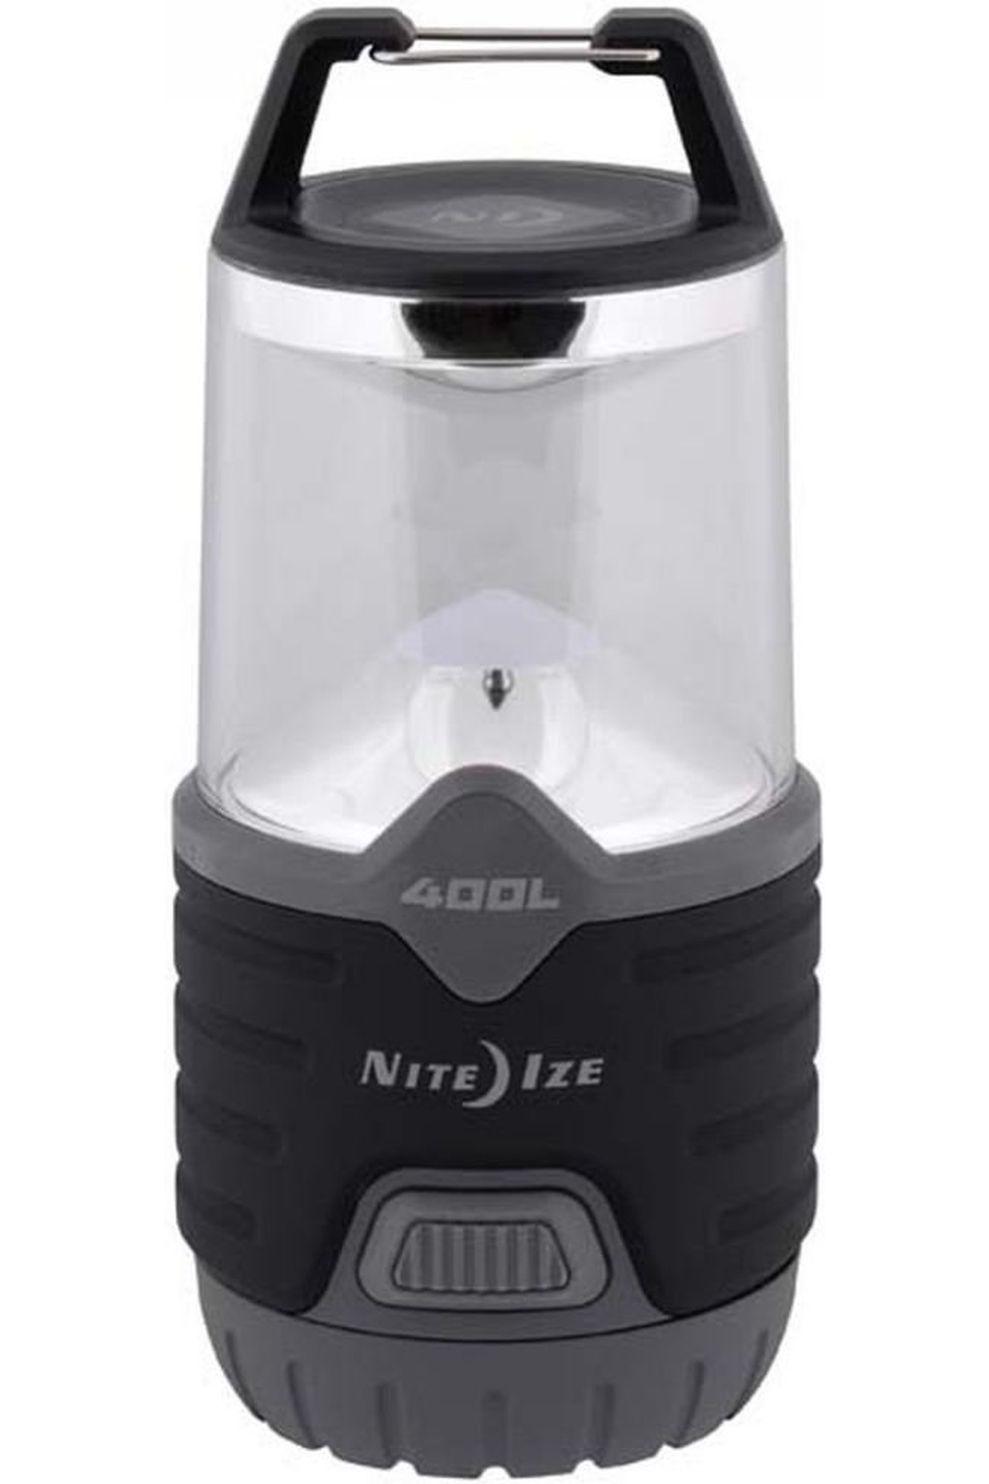 Nite Ize Verlichting Radiant 400 Lantern - Grijs